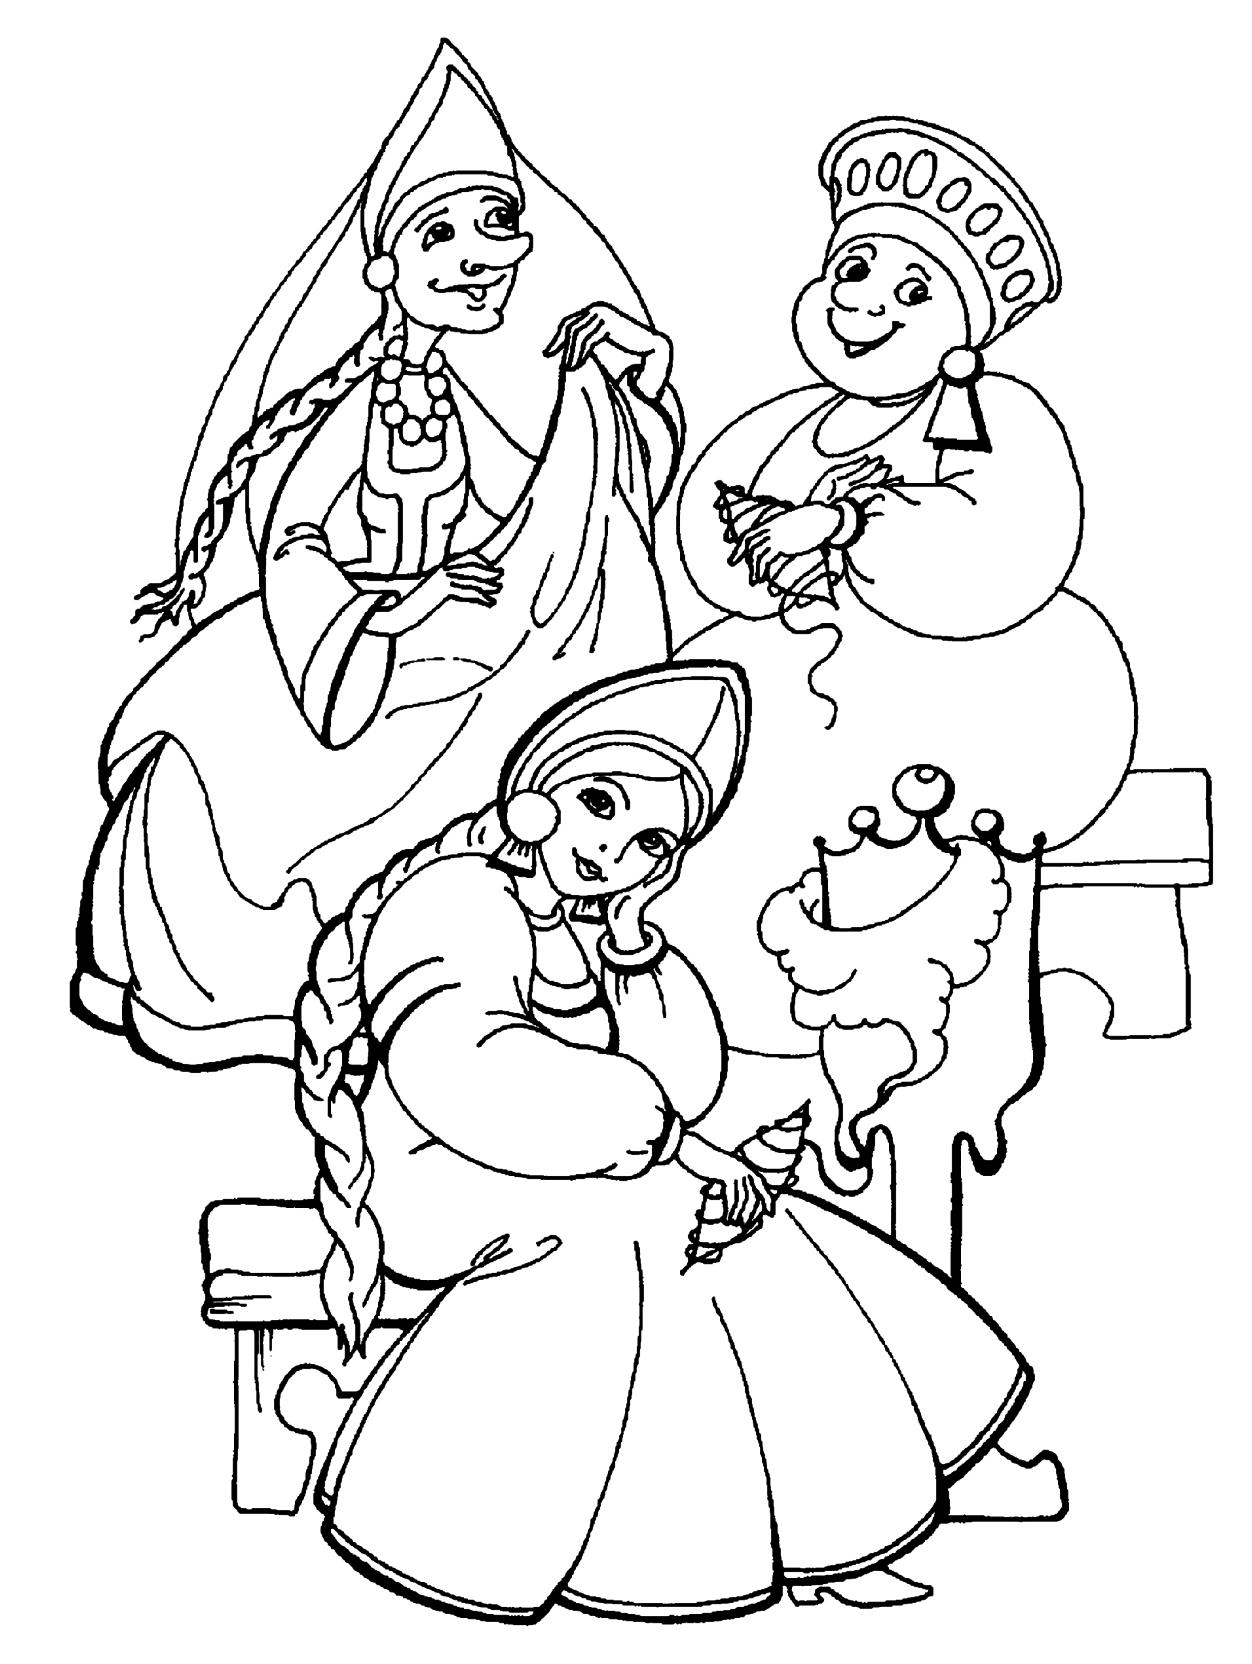 три сестры из сказки о царе салтане раскраска 365